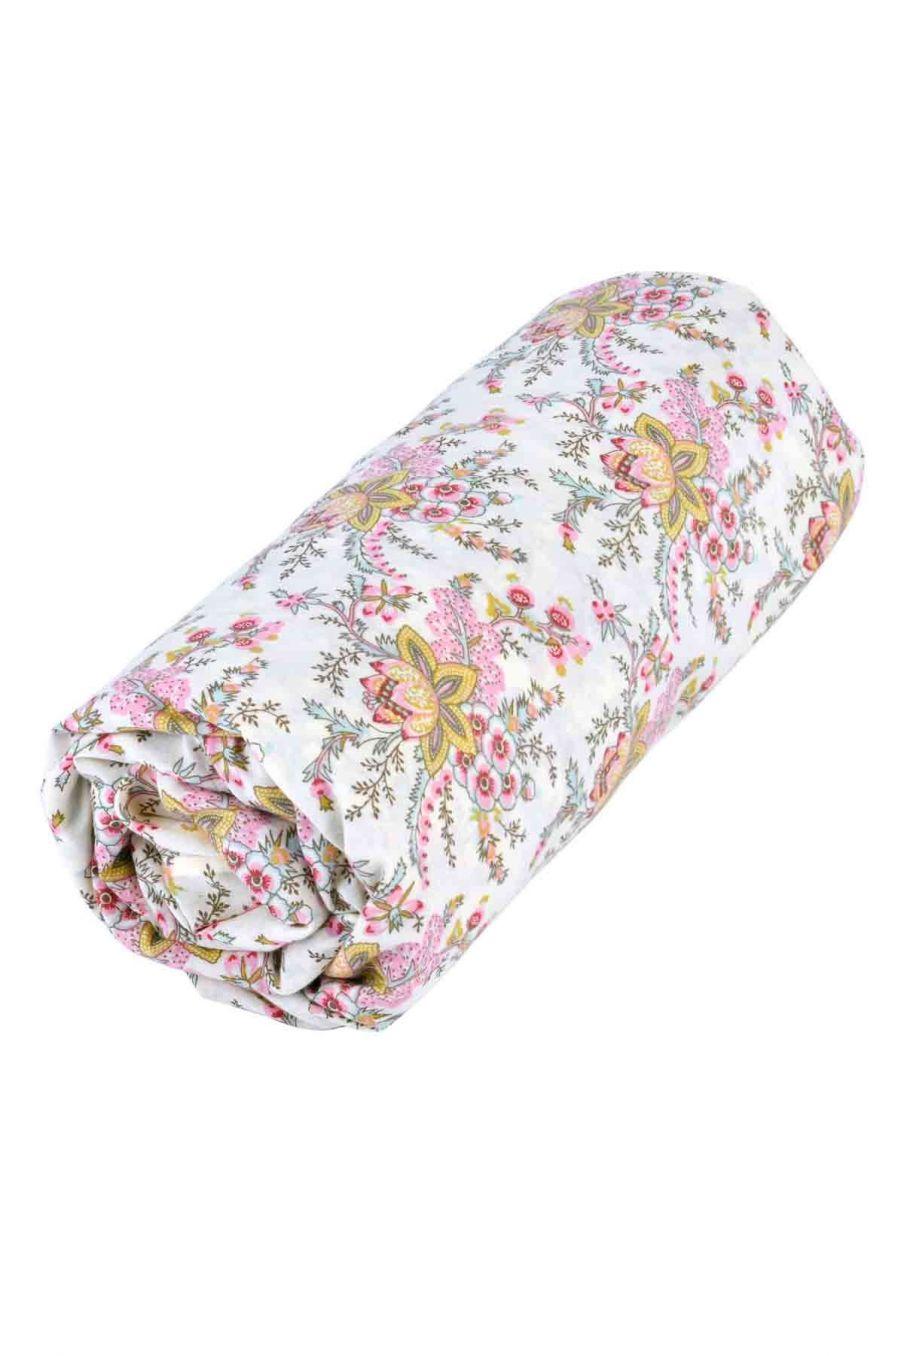 drap-housse maison nicole cream french flowers - louise misha